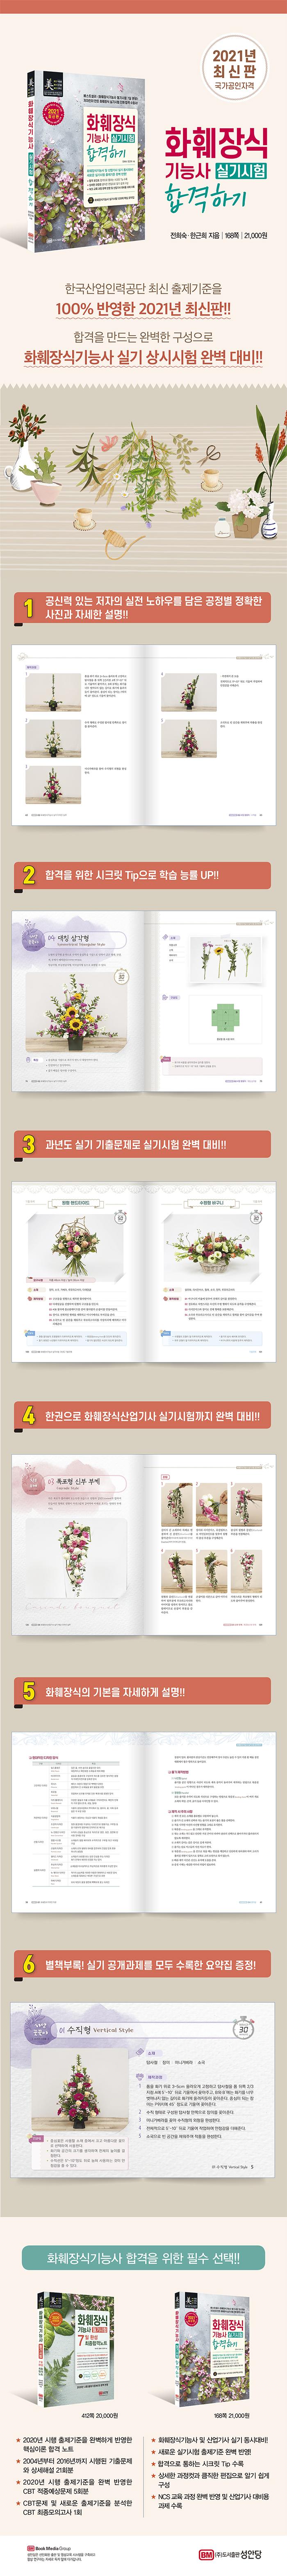 화훼장식기능사 실기시험 합격하기(2021) 도서 상세이미지